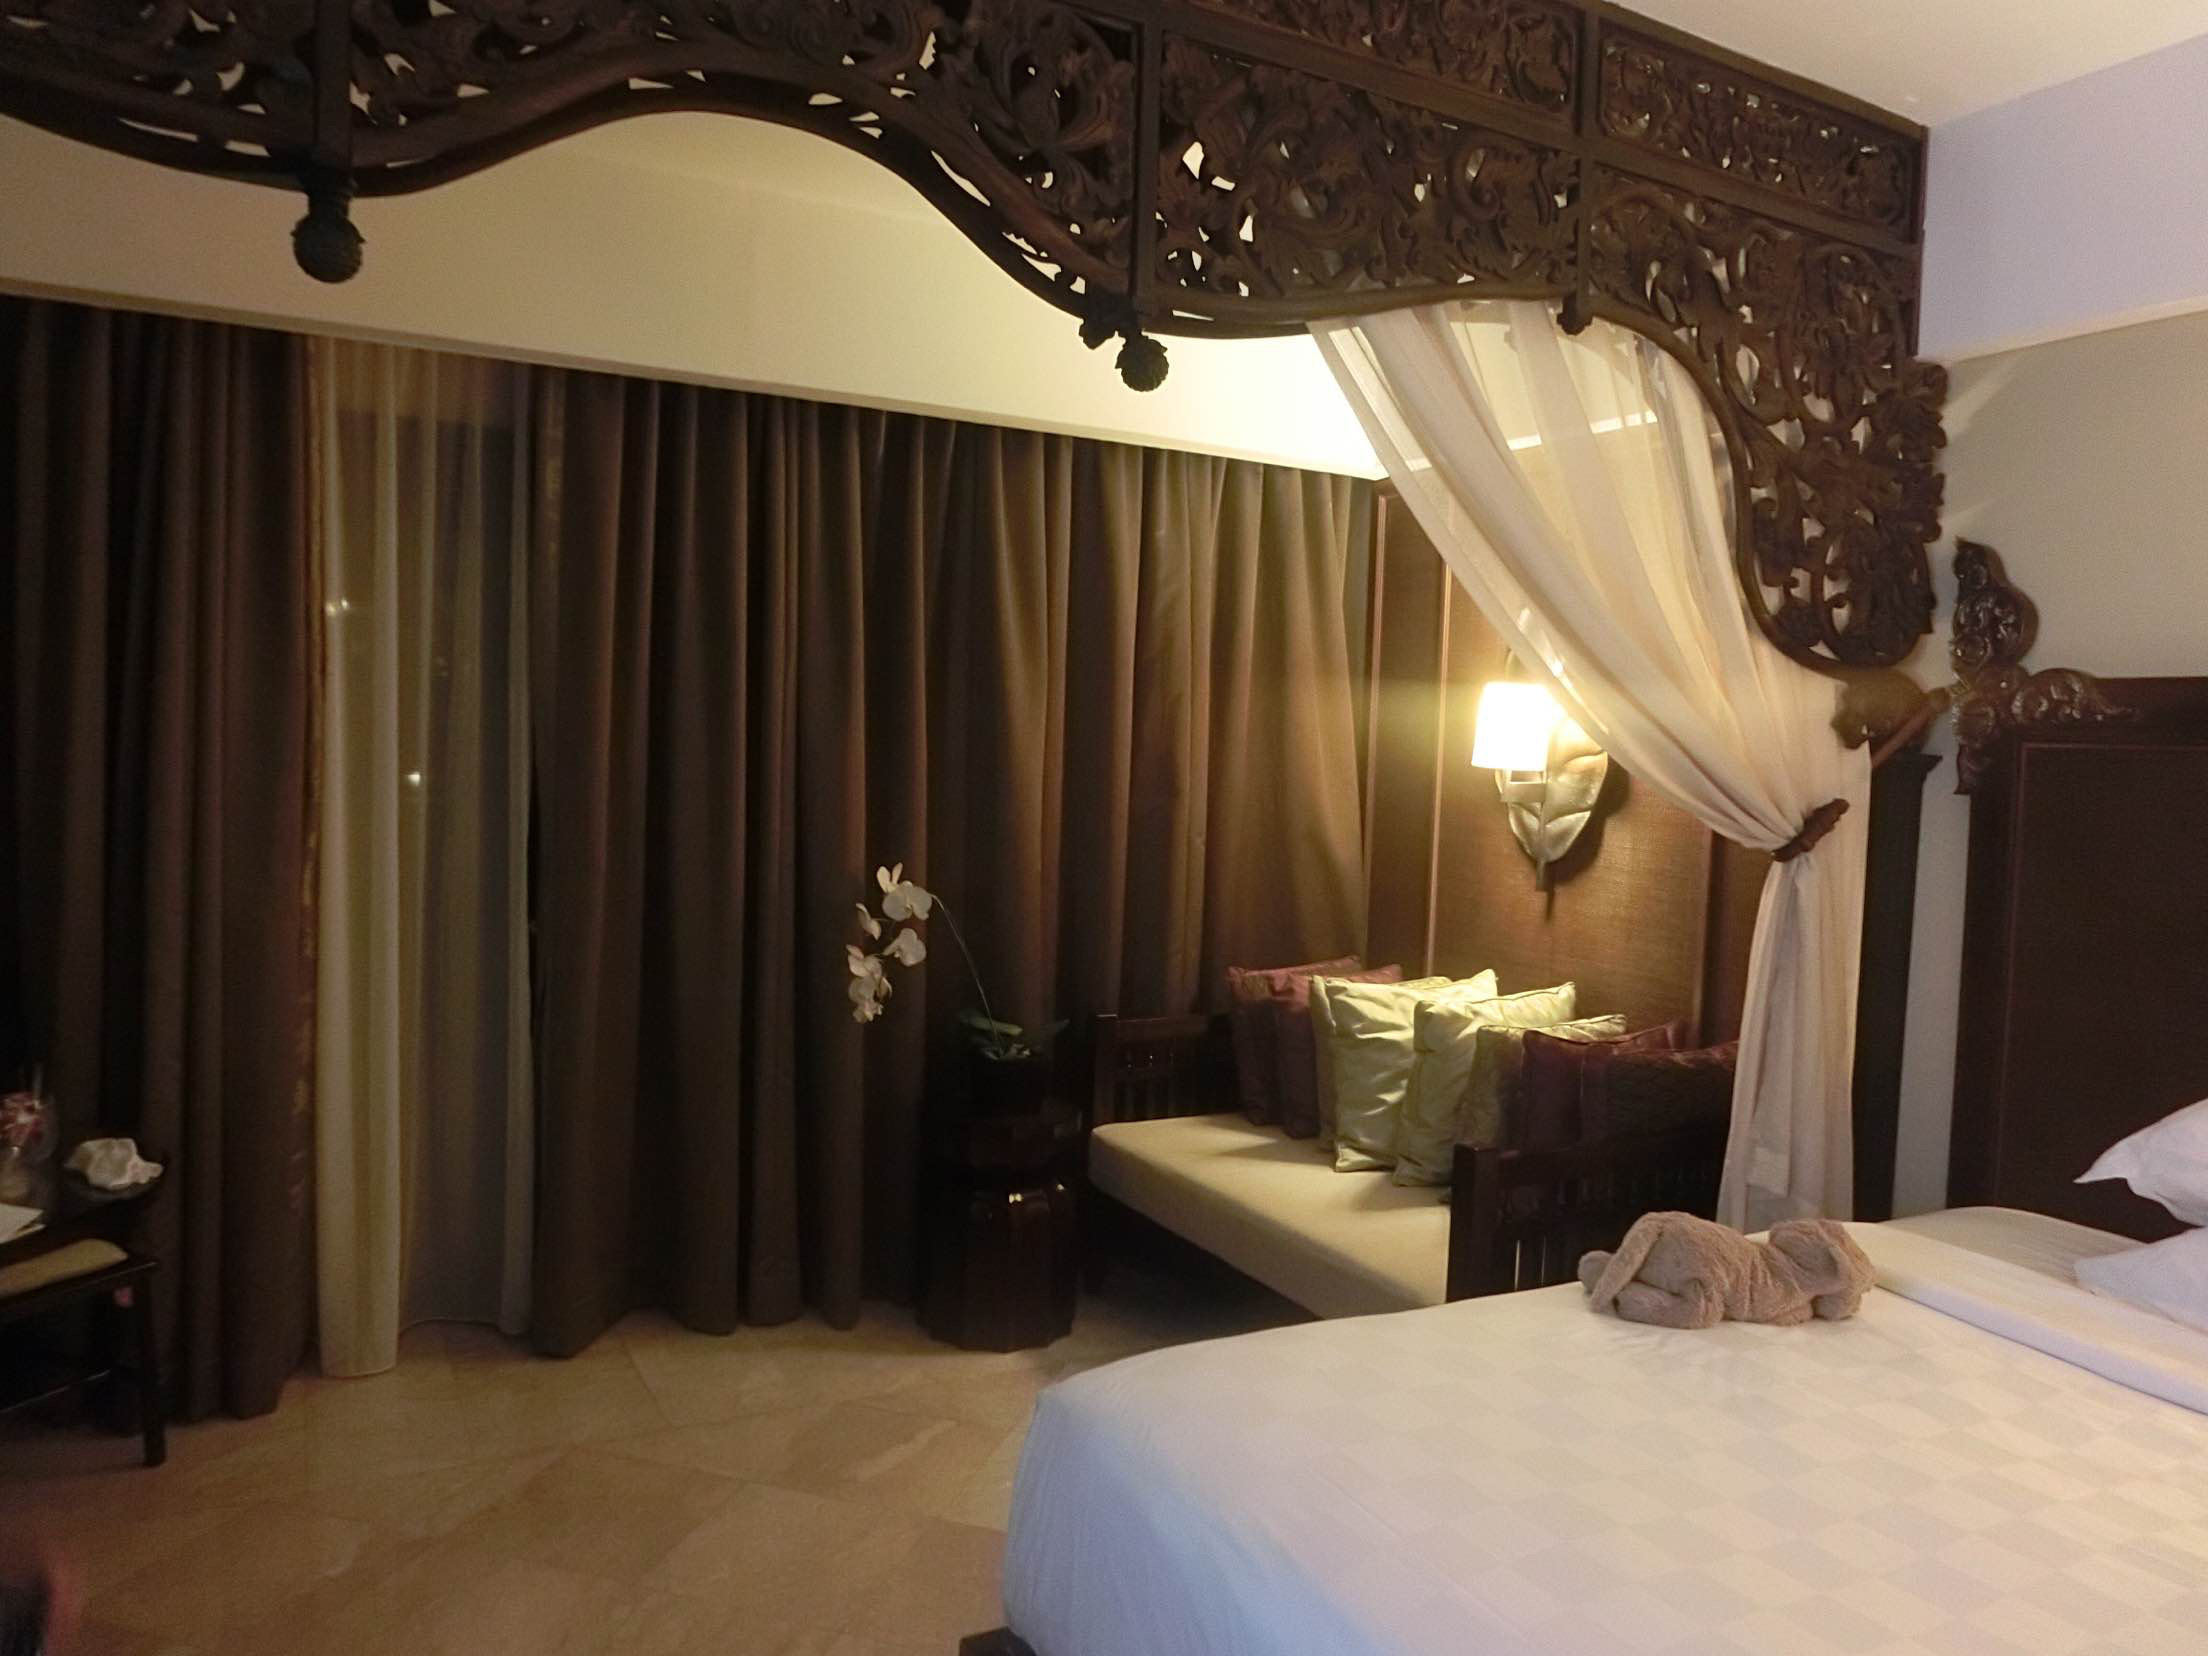 【携程攻略】巴厘岛阿雅娜水疗度假酒店预订价格